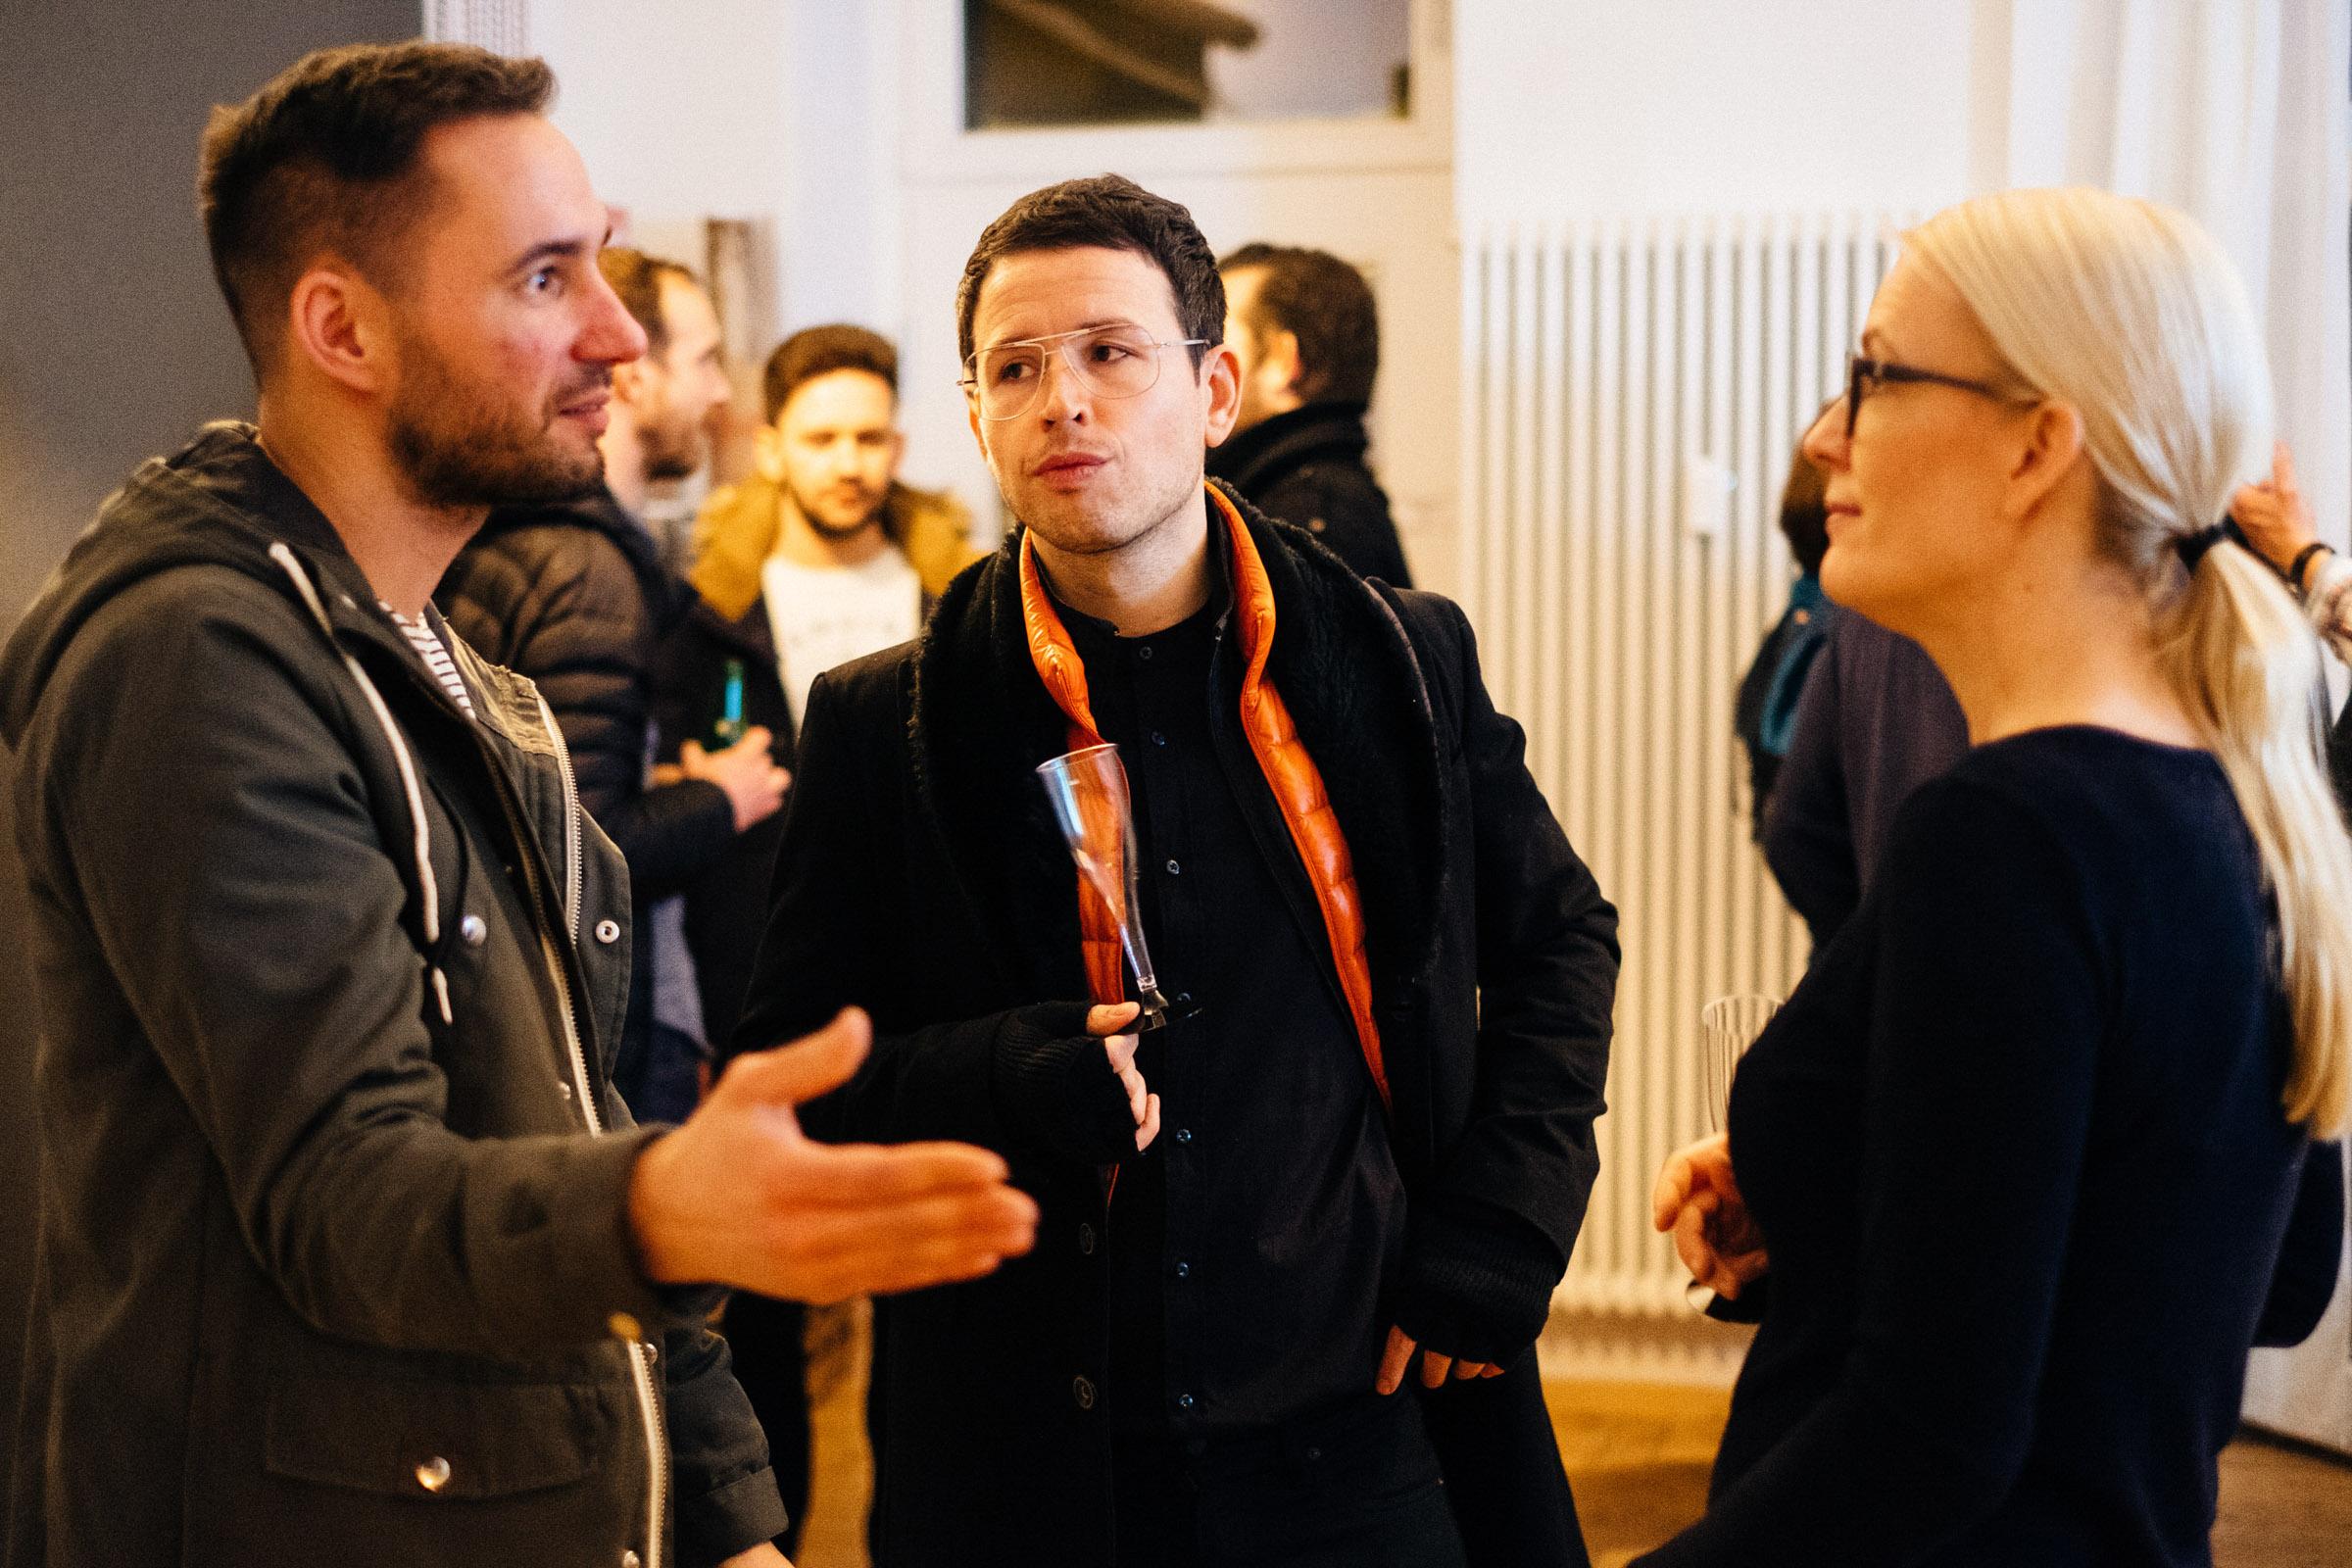 Gäste unterhalten sich auf der Eröffnungsfeier vom Fotostudio in Berlin